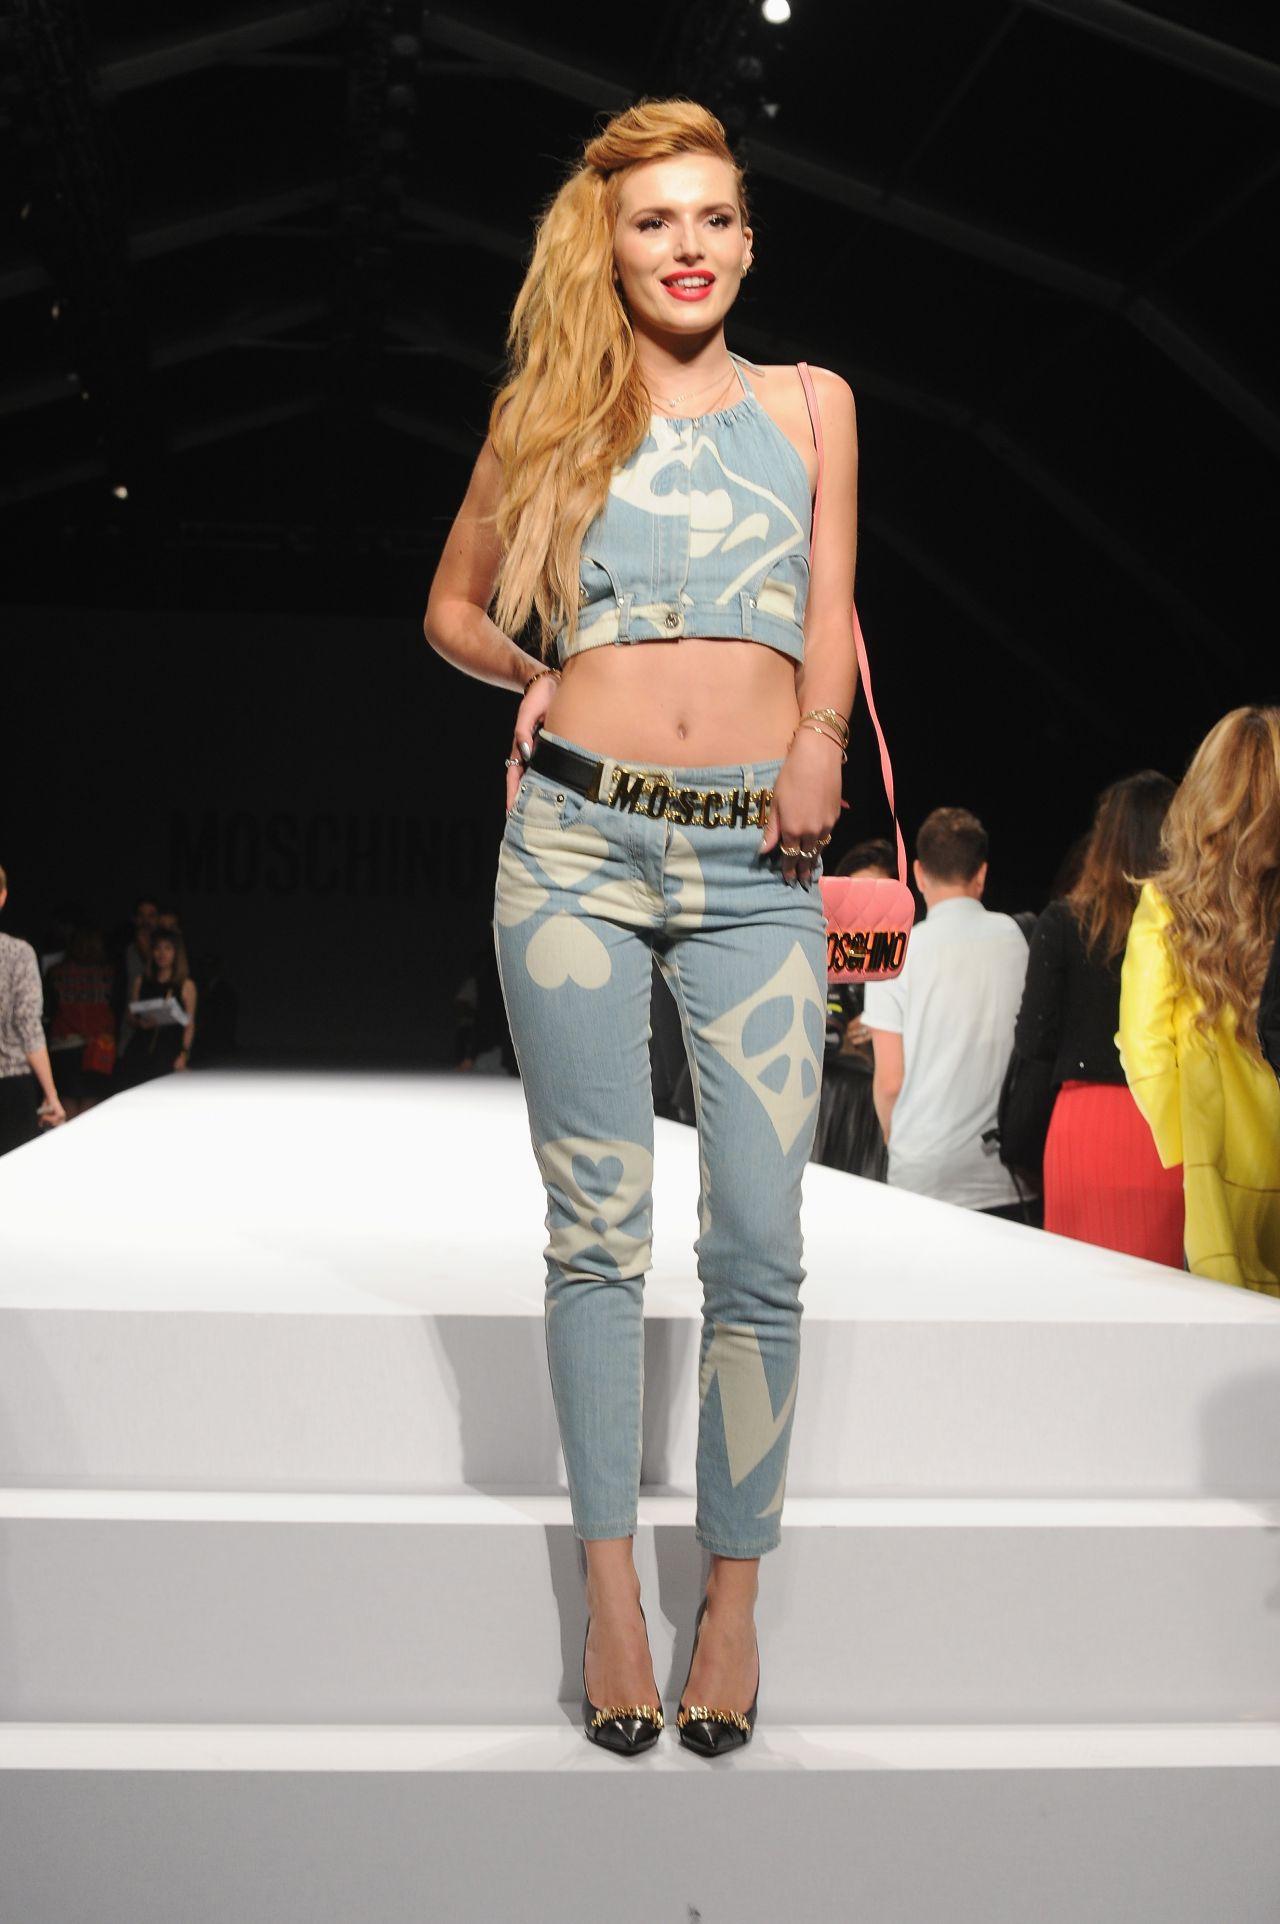 Bella Thorne - Milan Fashion Week - Moschino Show, September 2014